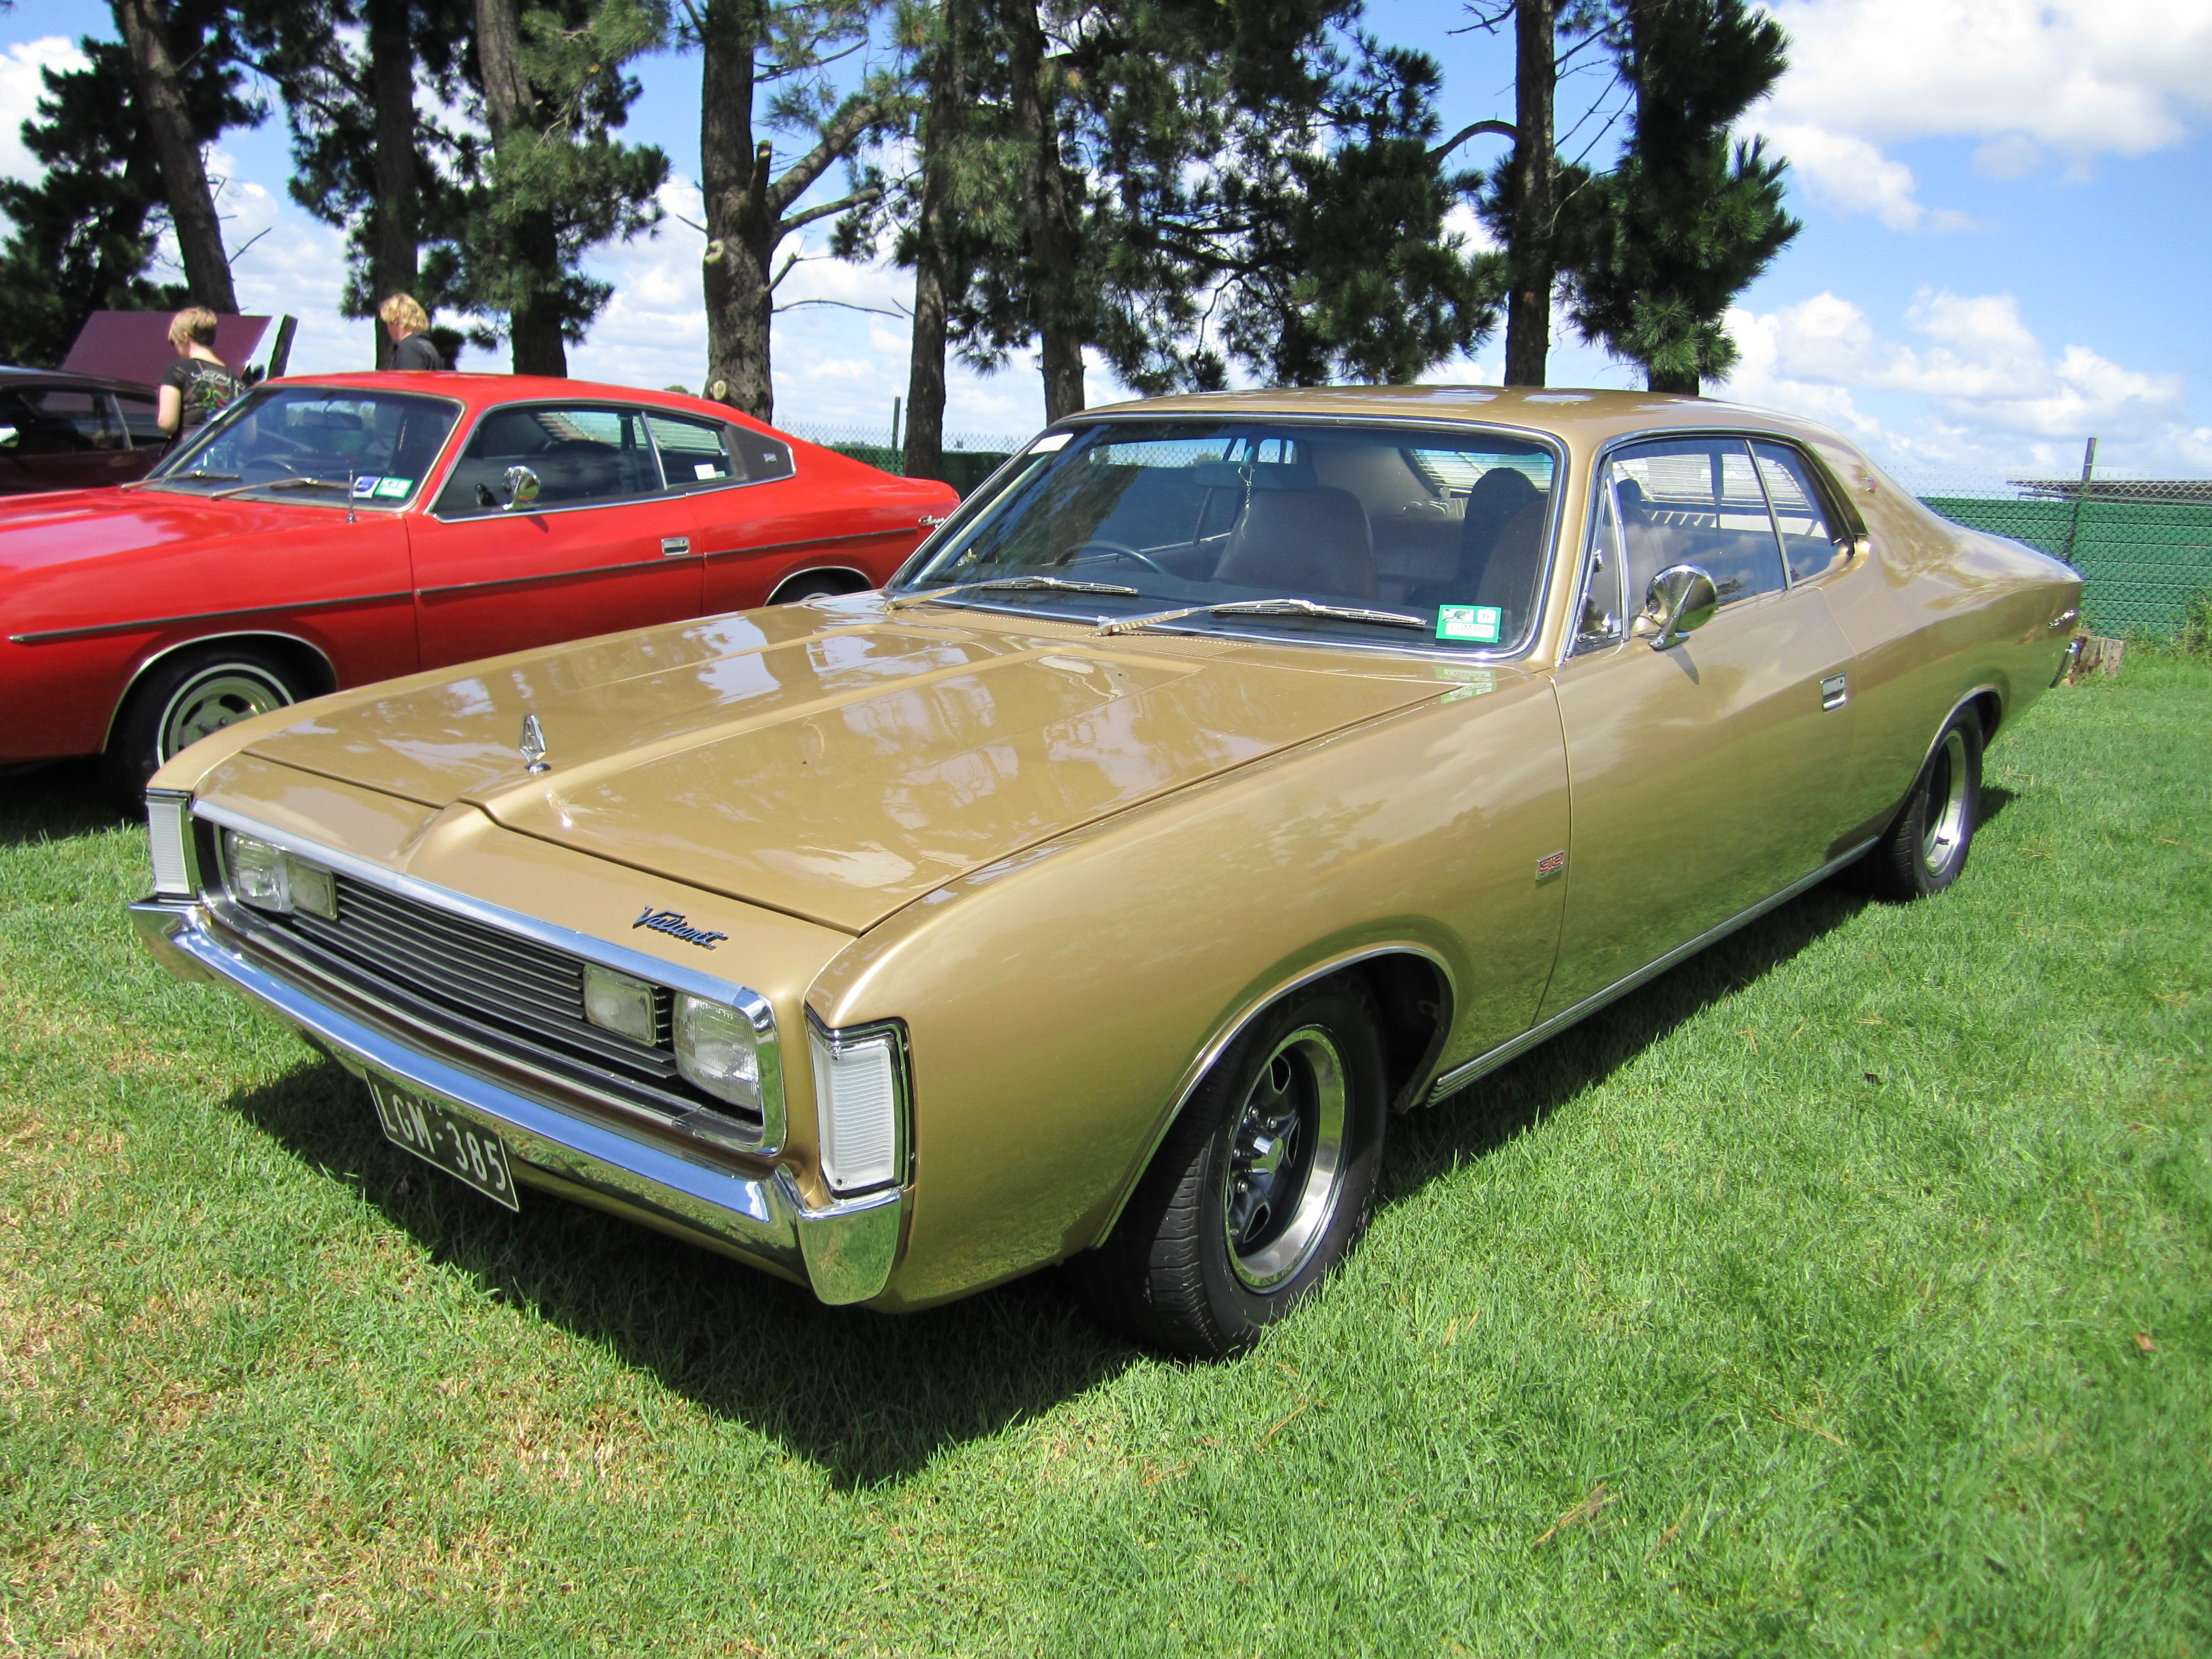 Chrysler_Valiant_VH_Hardtop.jpg